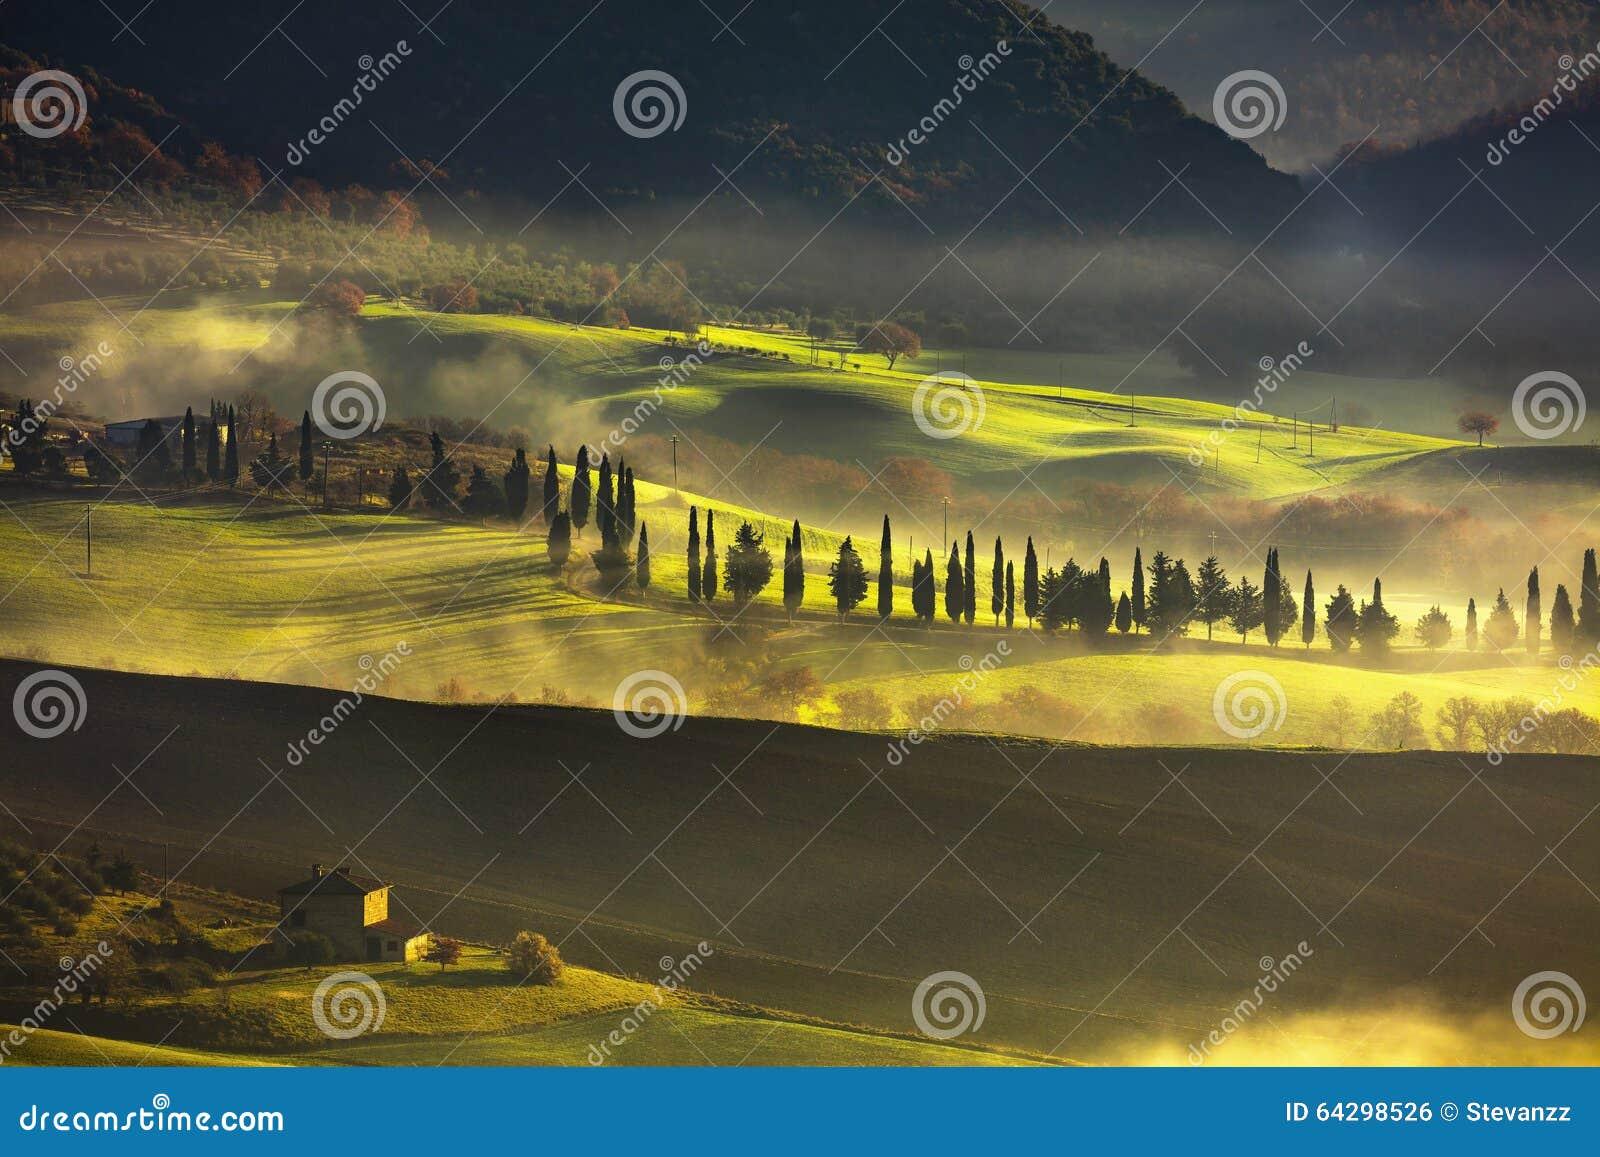 Mañana de niebla de Toscana, tierras de labrantío y árboles de ciprés Italia